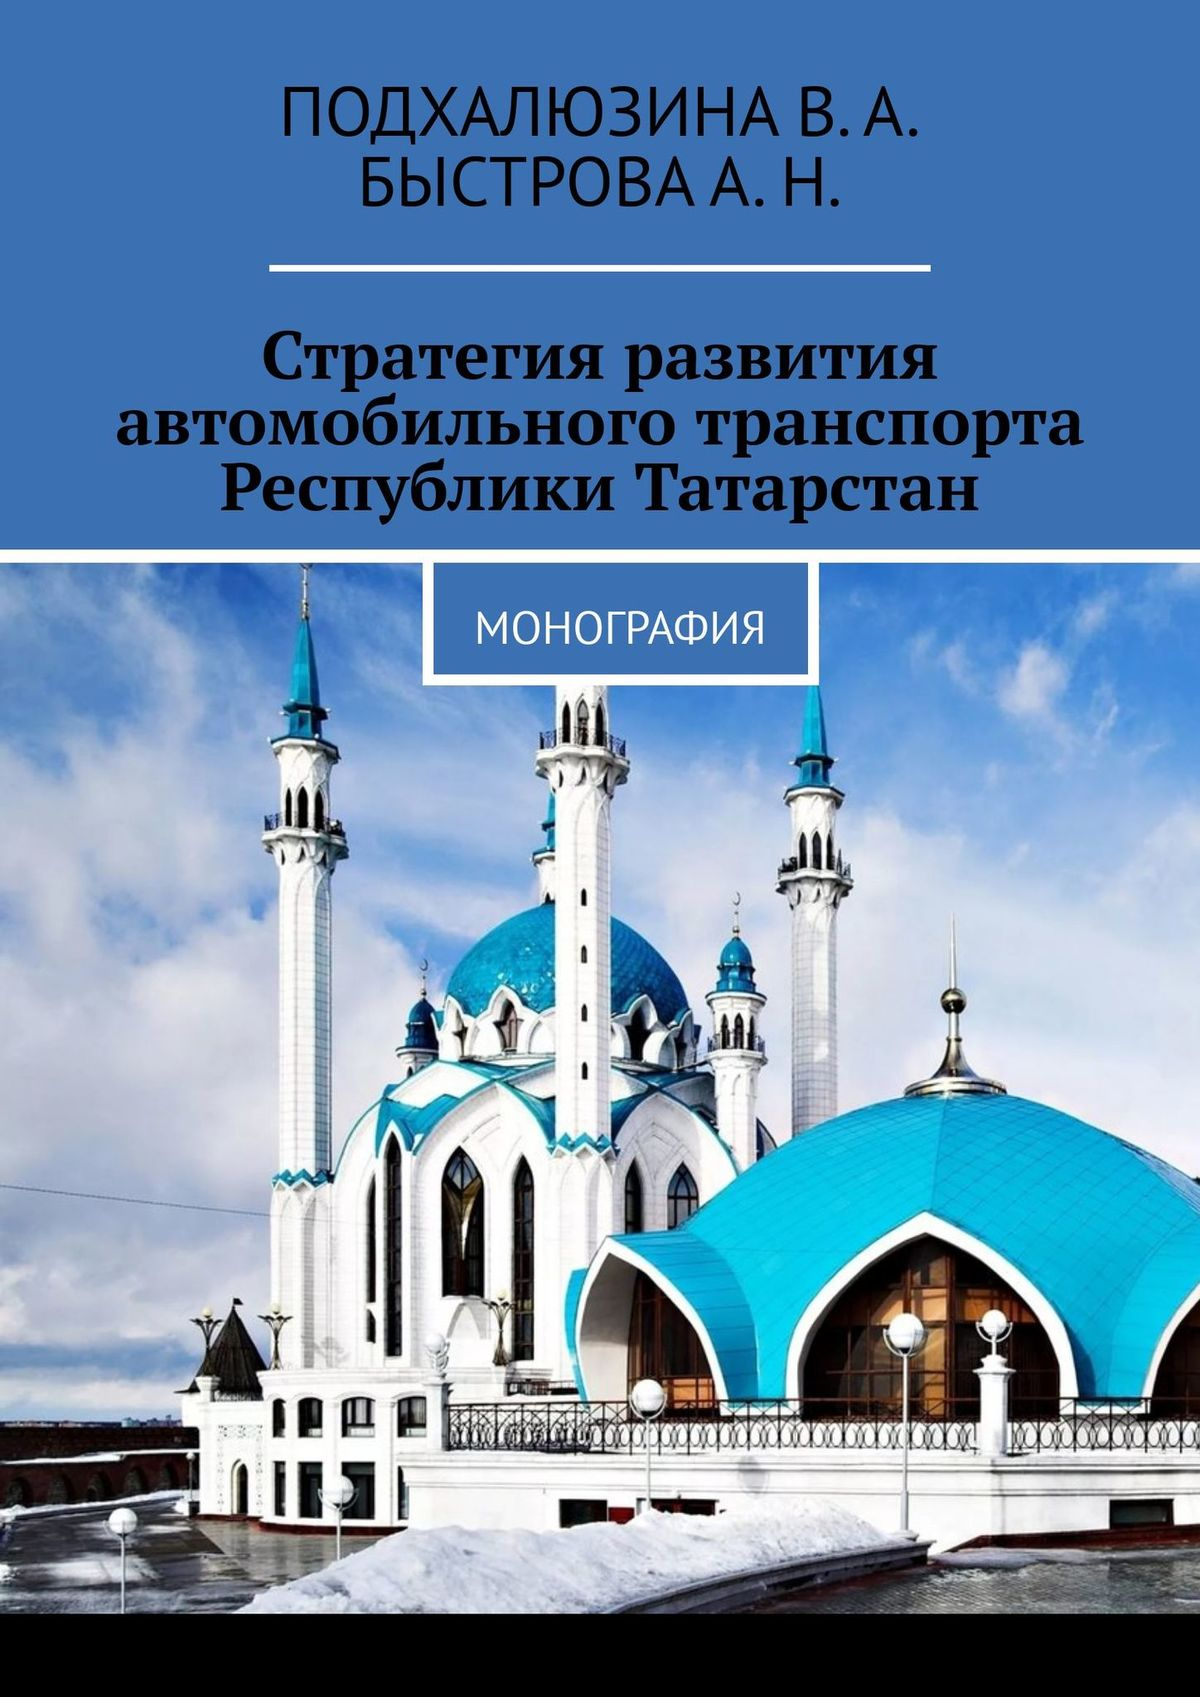 Обложка книги Стратегия развития автомобильного транспорта республики Татарстан. монография